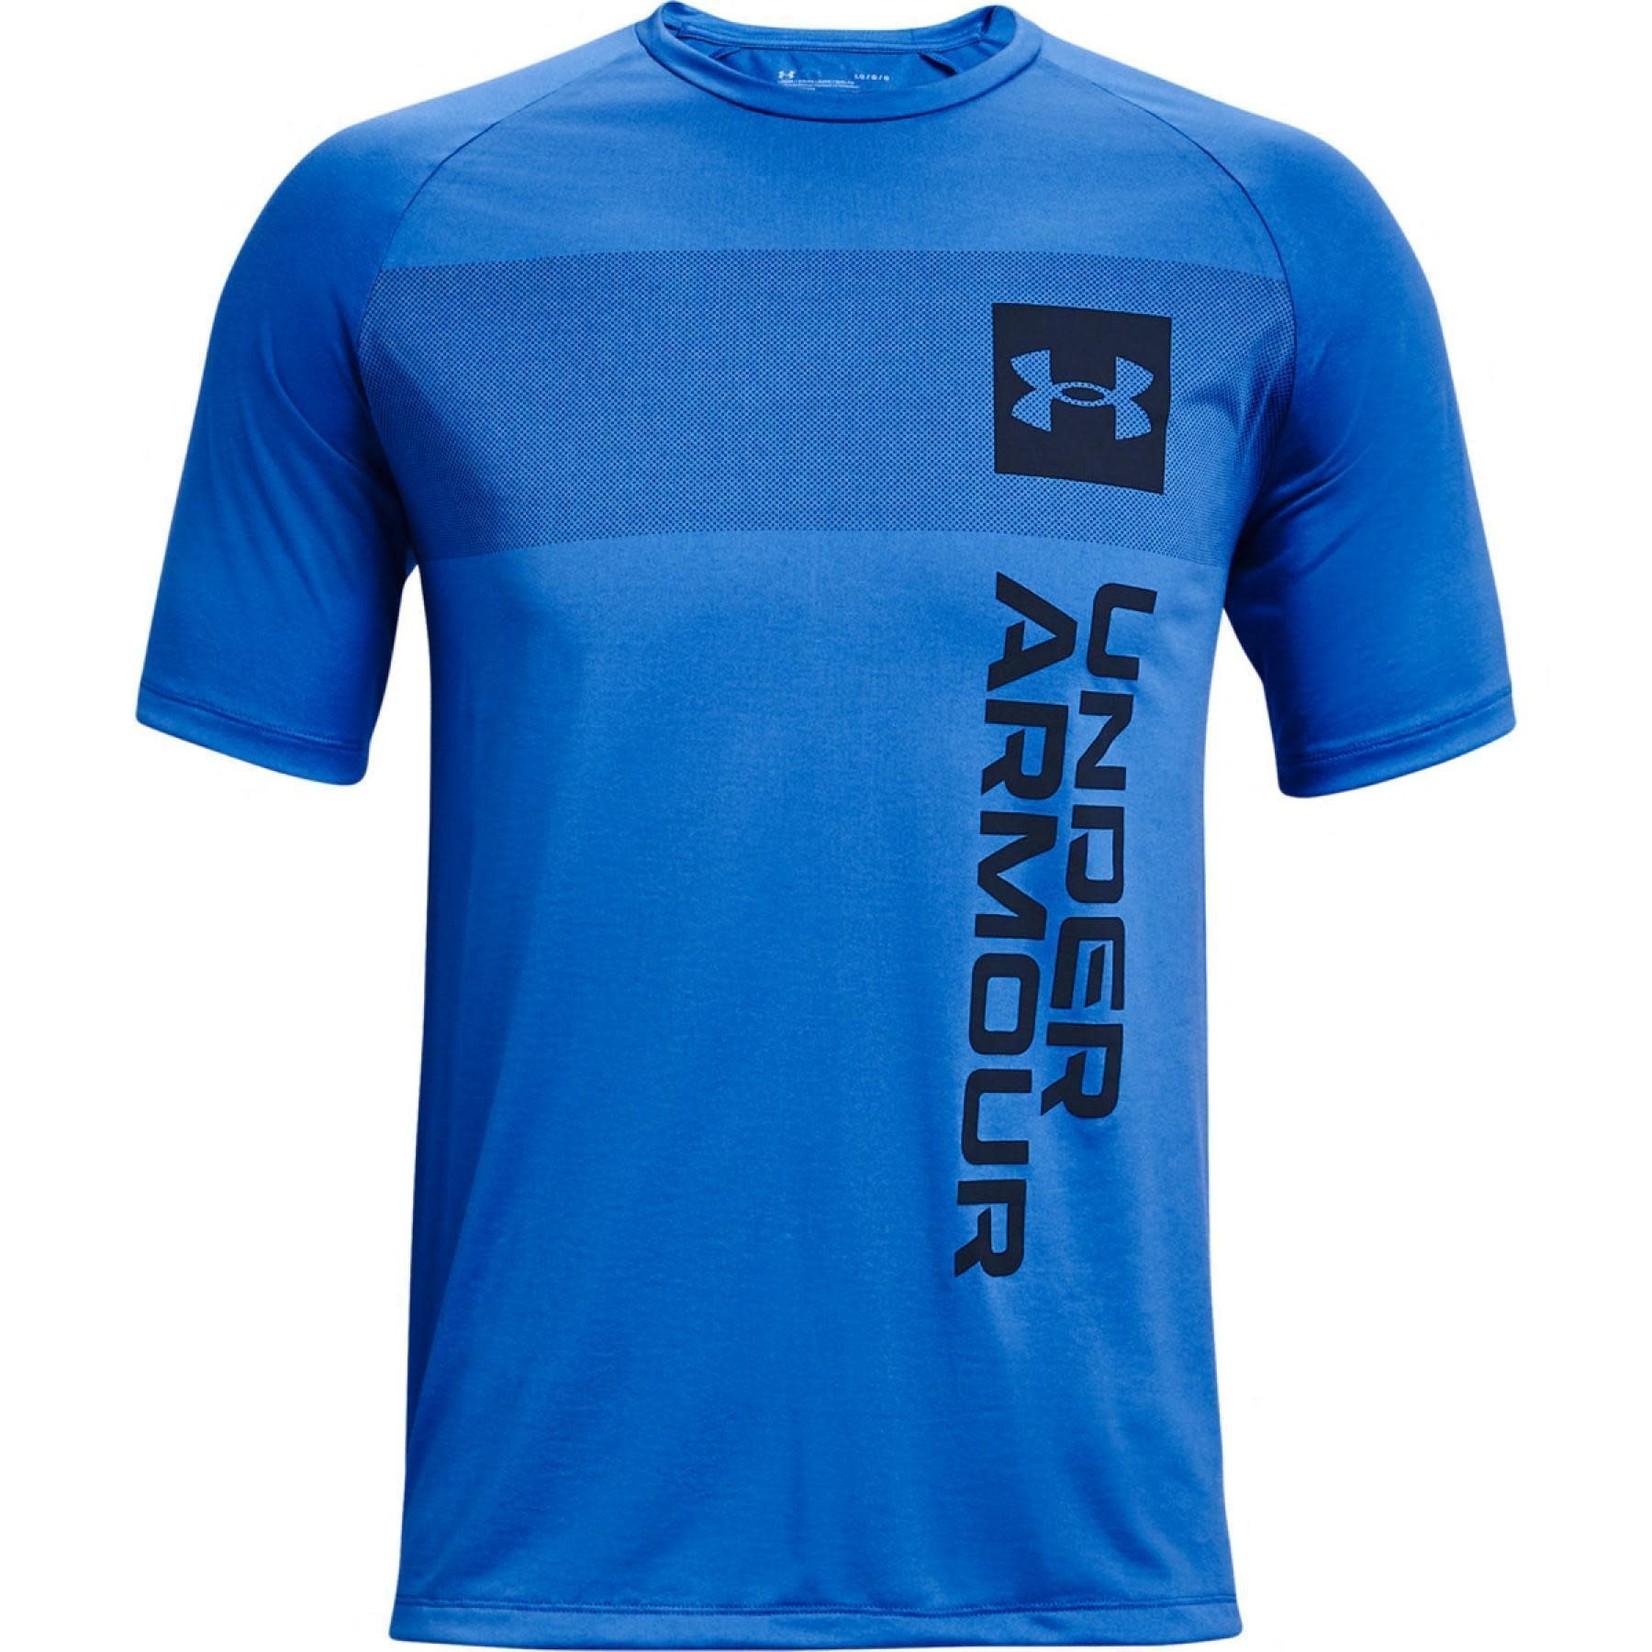 Under Armour Under Armour T-Shirt, Tech 2.0 Vertical Wordmark, Mens